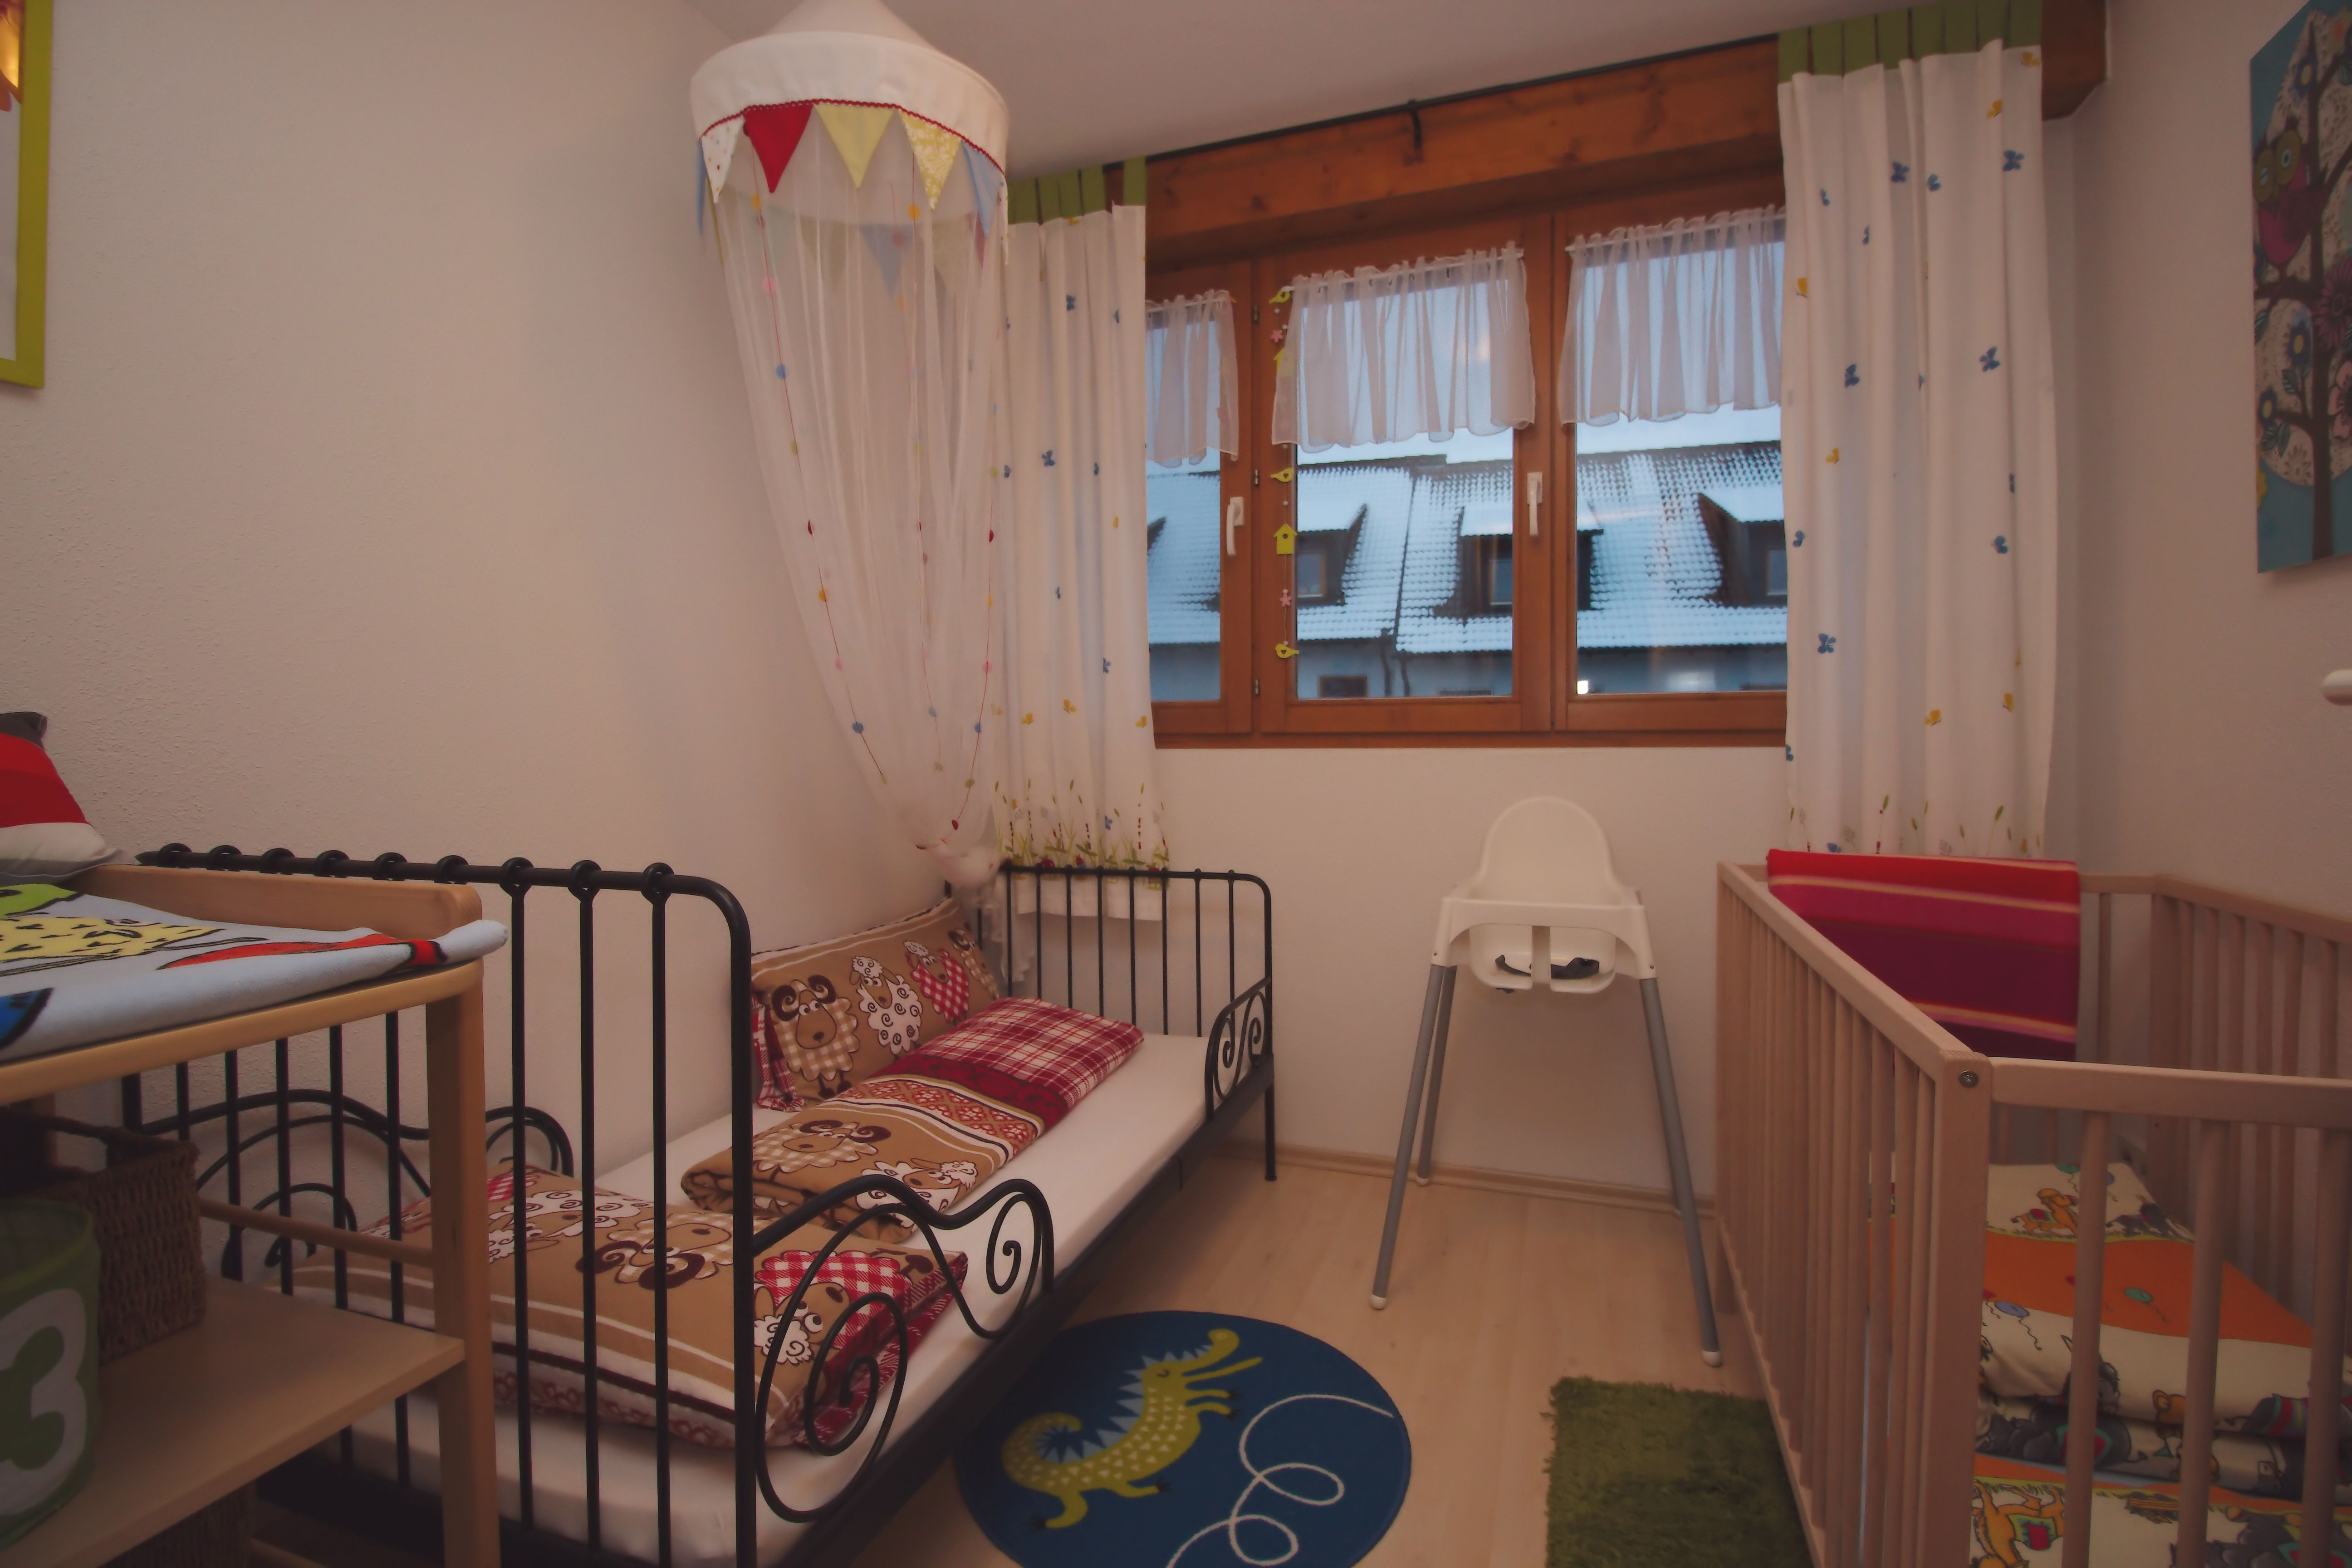 Kinderzimmer F R Zwei kinderzimmer fur zwei kinderzimmer einrichten jungen quartru kinderzimmer f r zwei einrichten